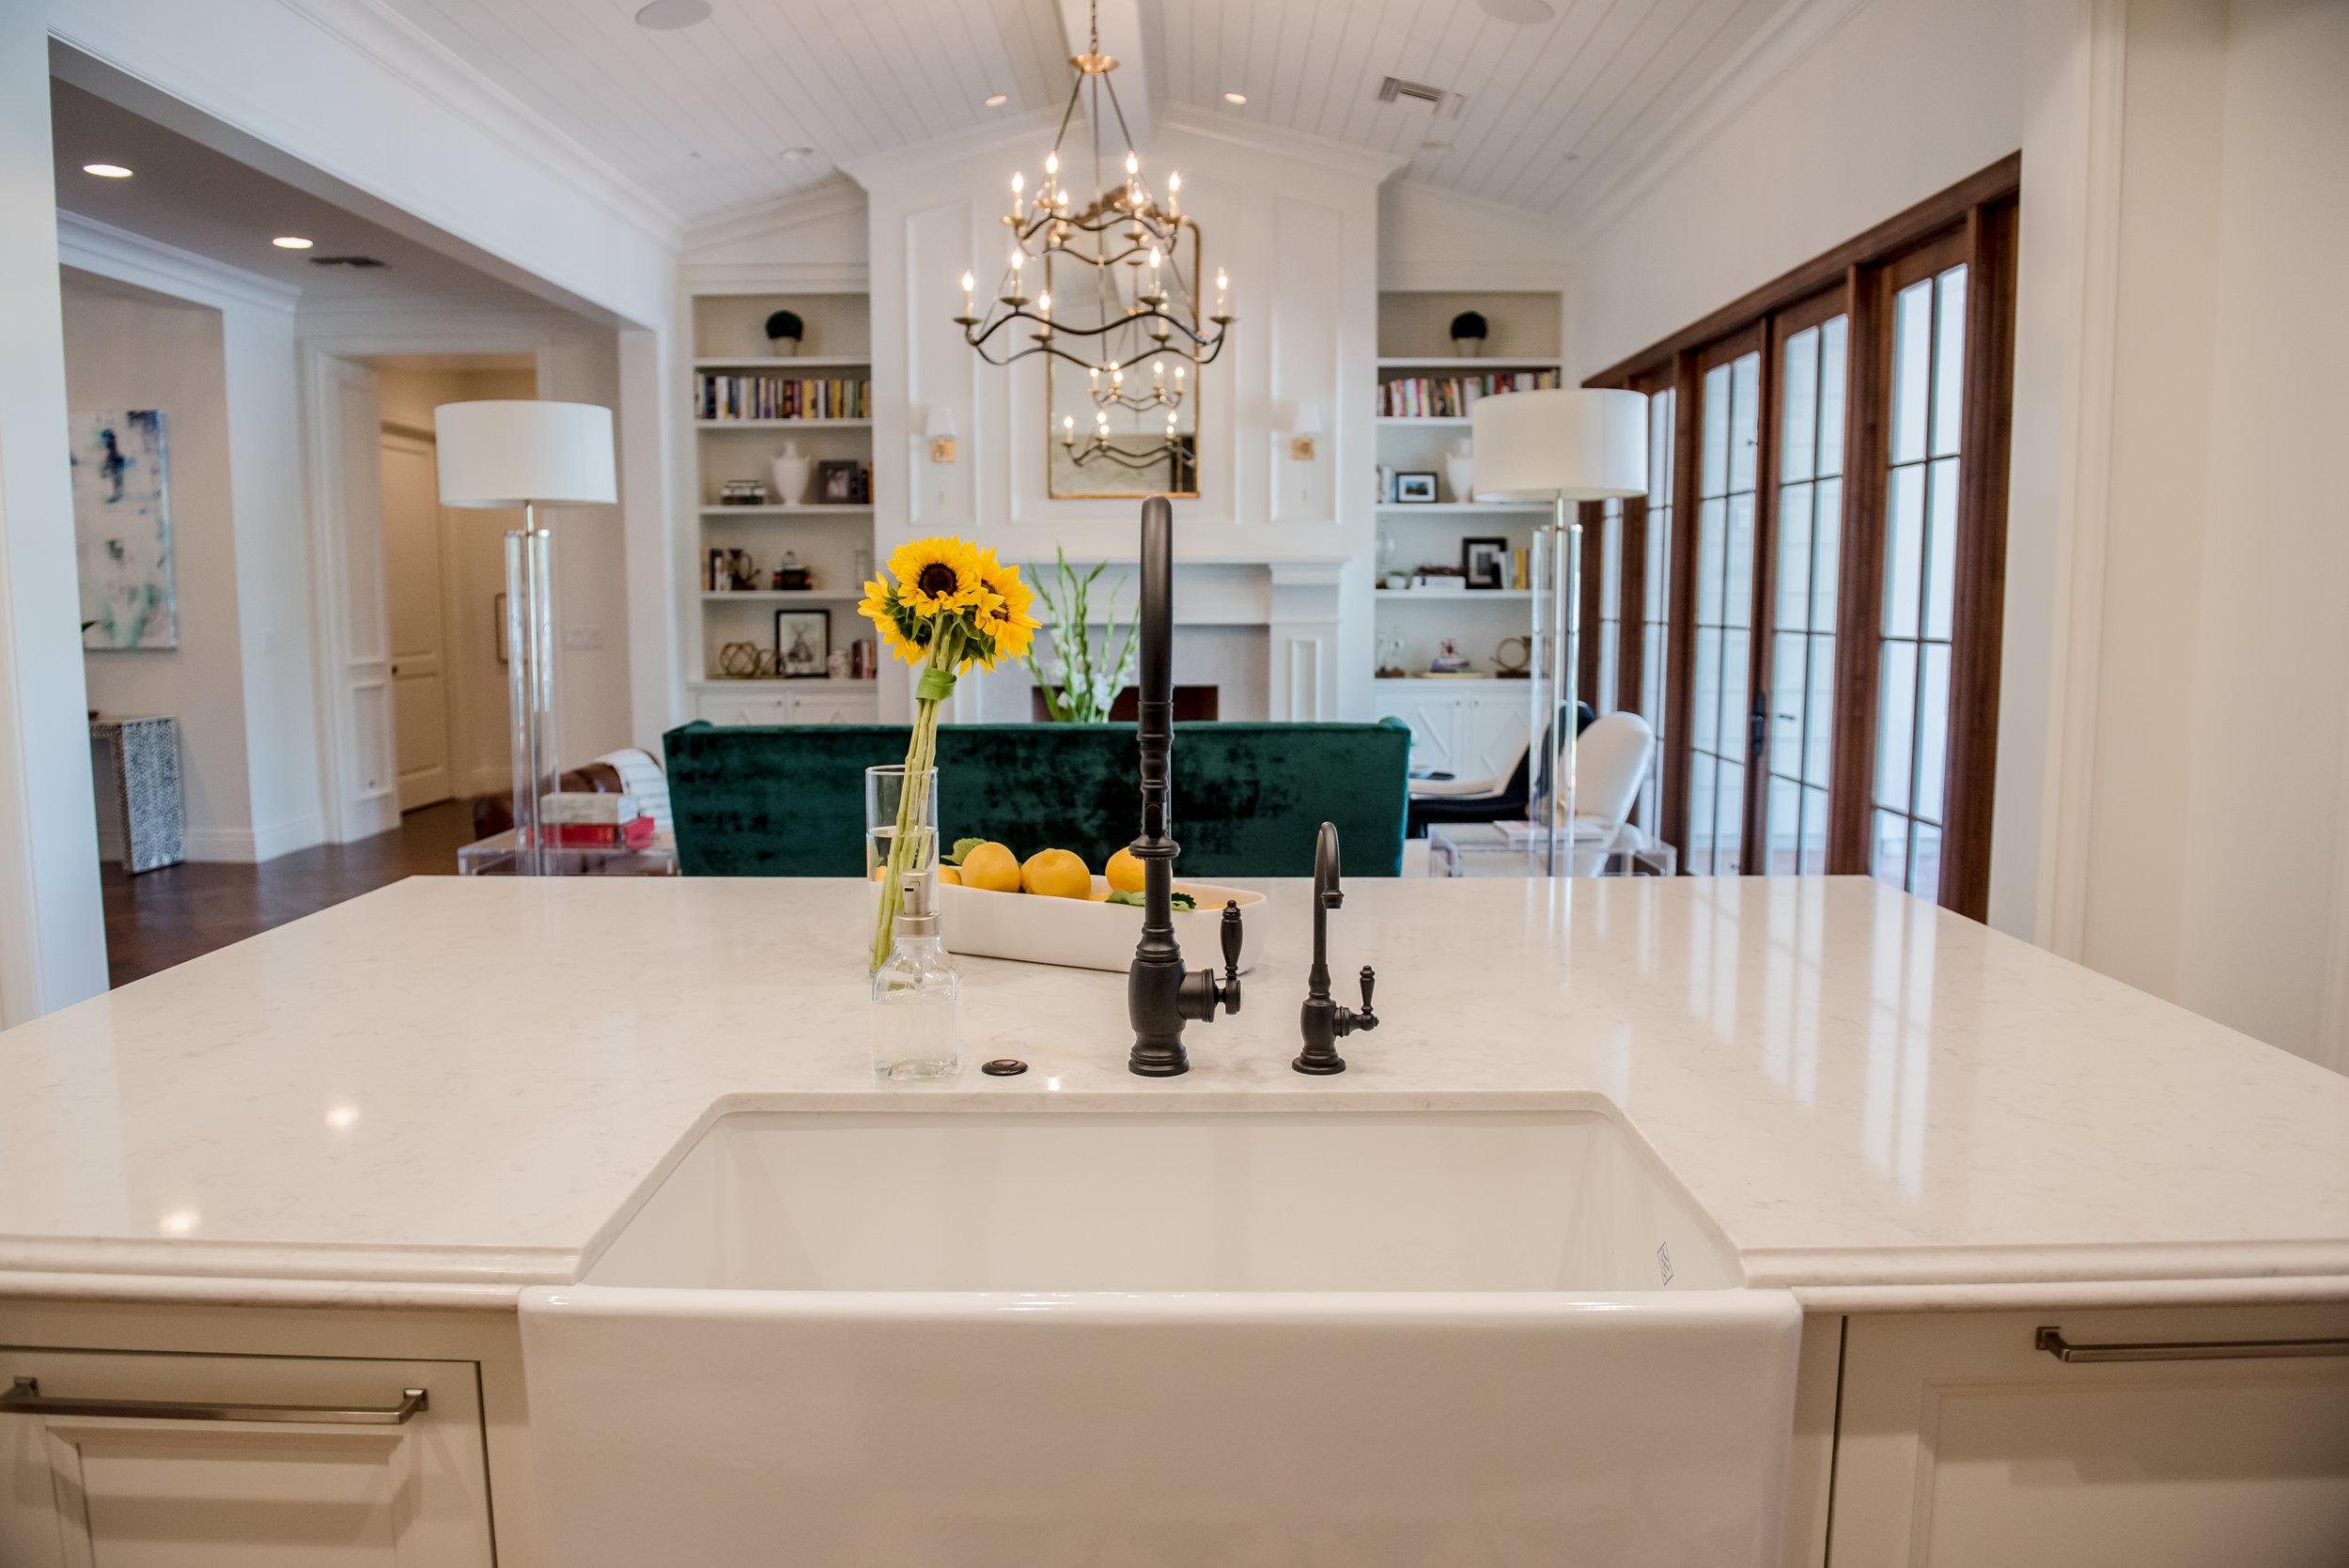 21+Kitchen+Island+Brass+Black+Range+Marble+Quartz+FarmhouseSink+Openshelves.jpg